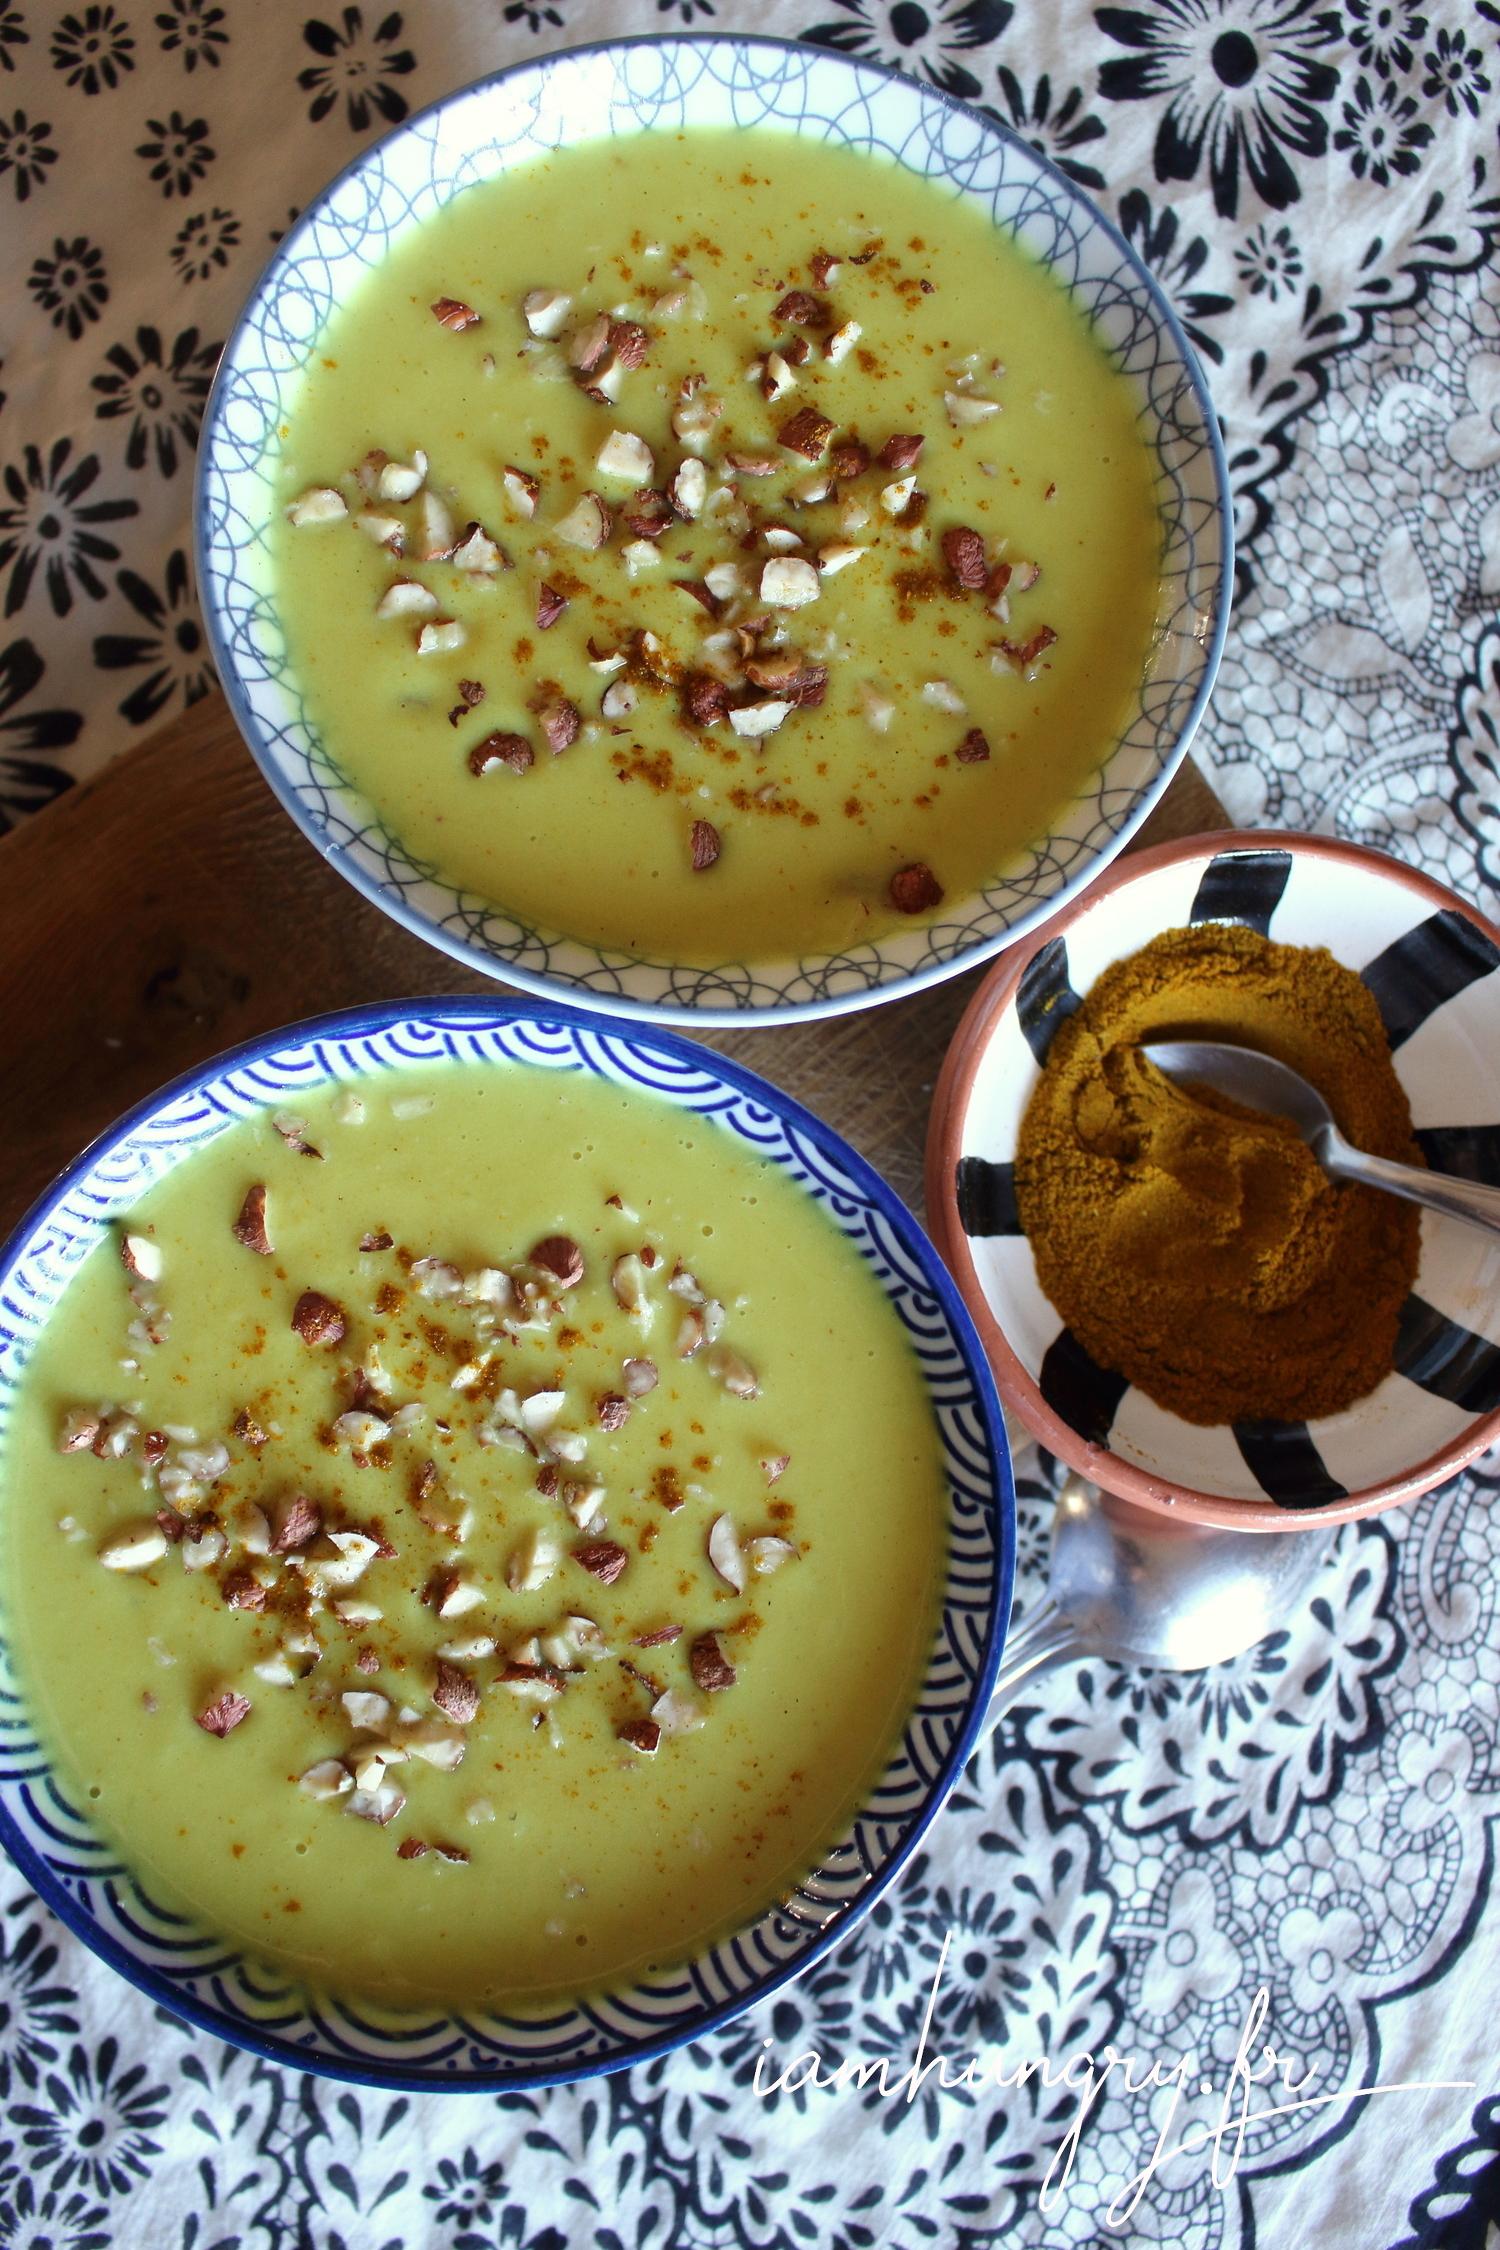 Velouté de choux fleur au curry